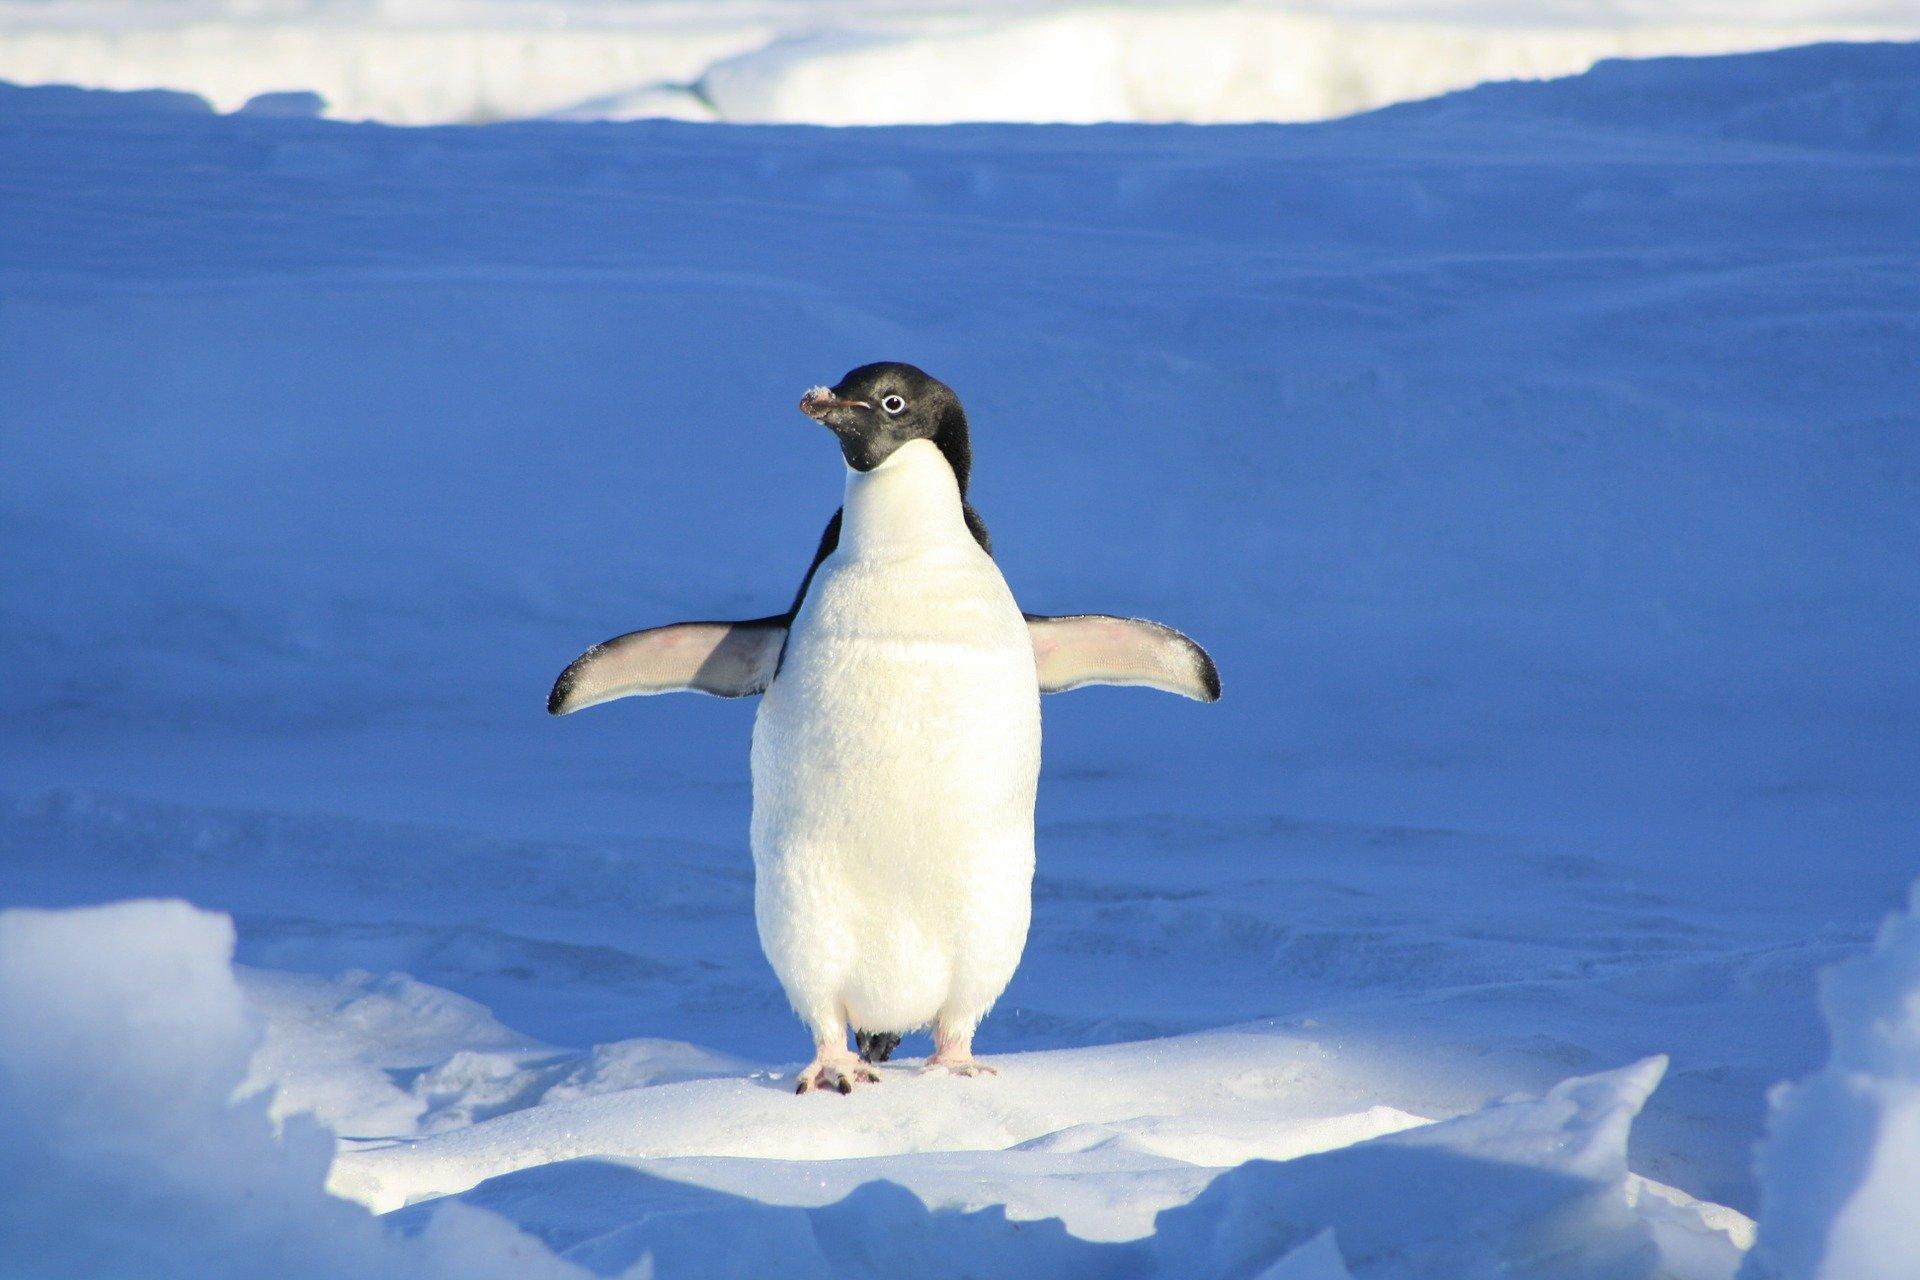 Perché i pinguini non volano?